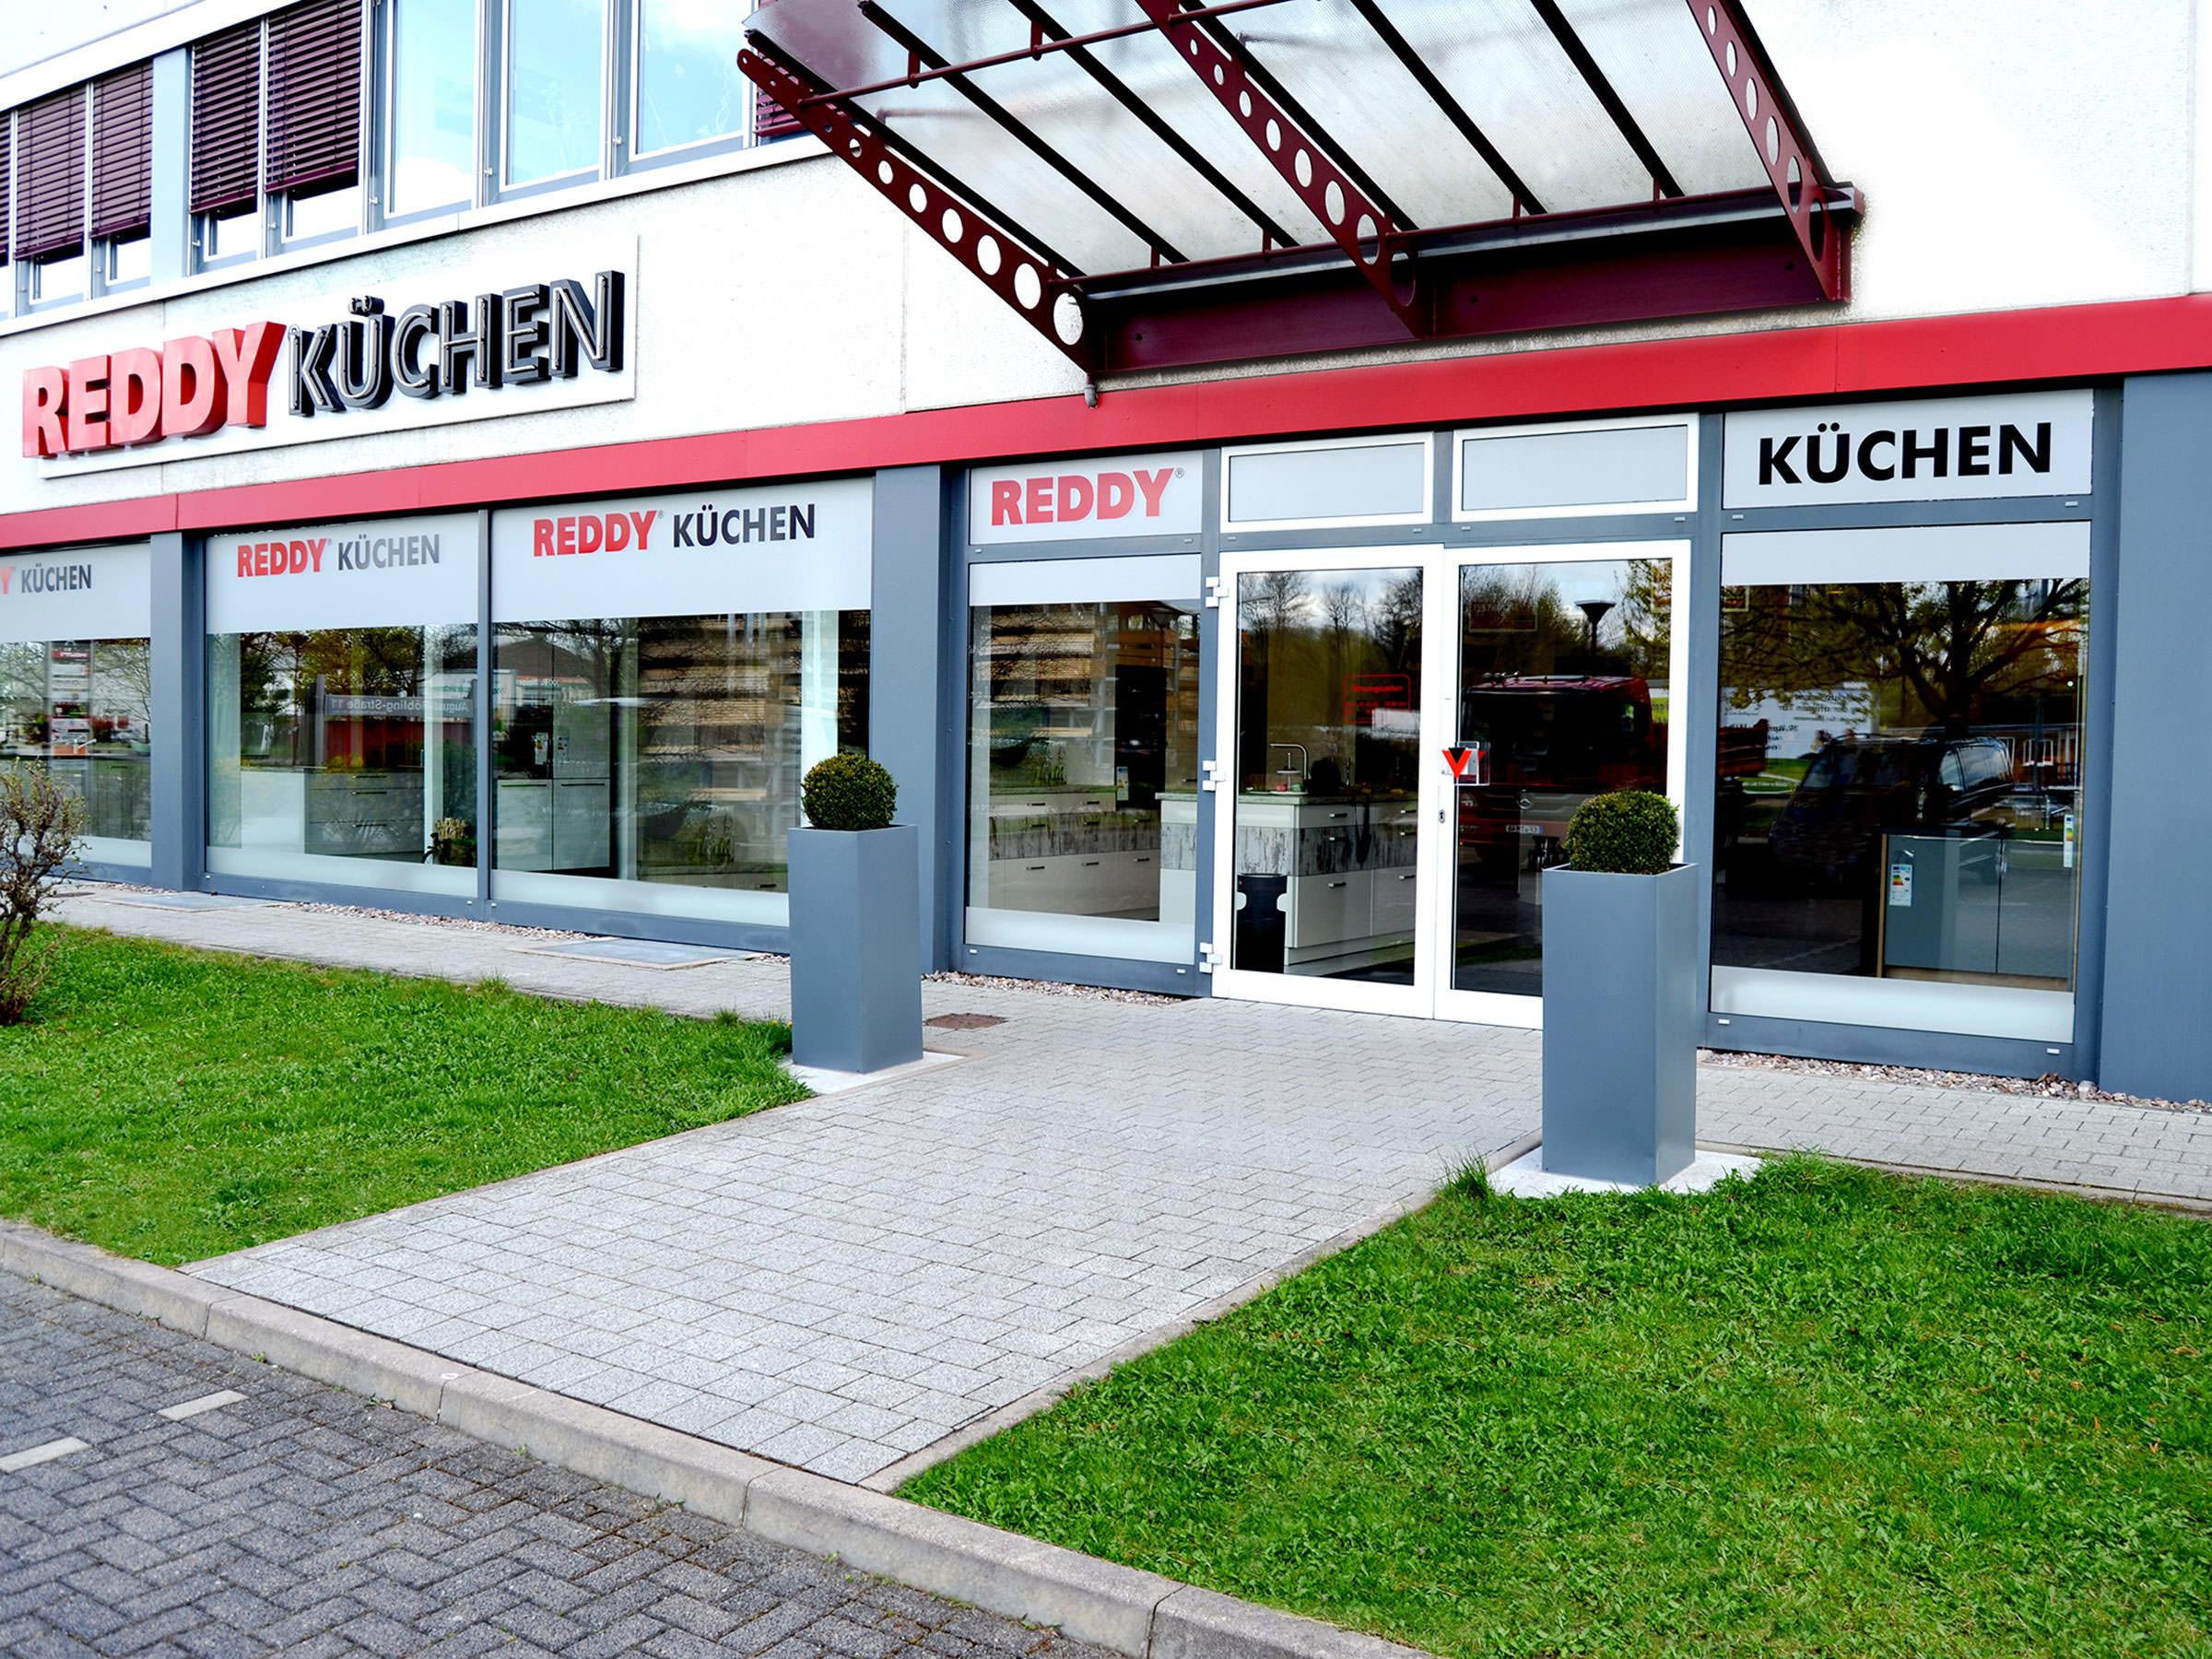 reddy k chen erfurt in erfurt branchenbuch deutschland. Black Bedroom Furniture Sets. Home Design Ideas